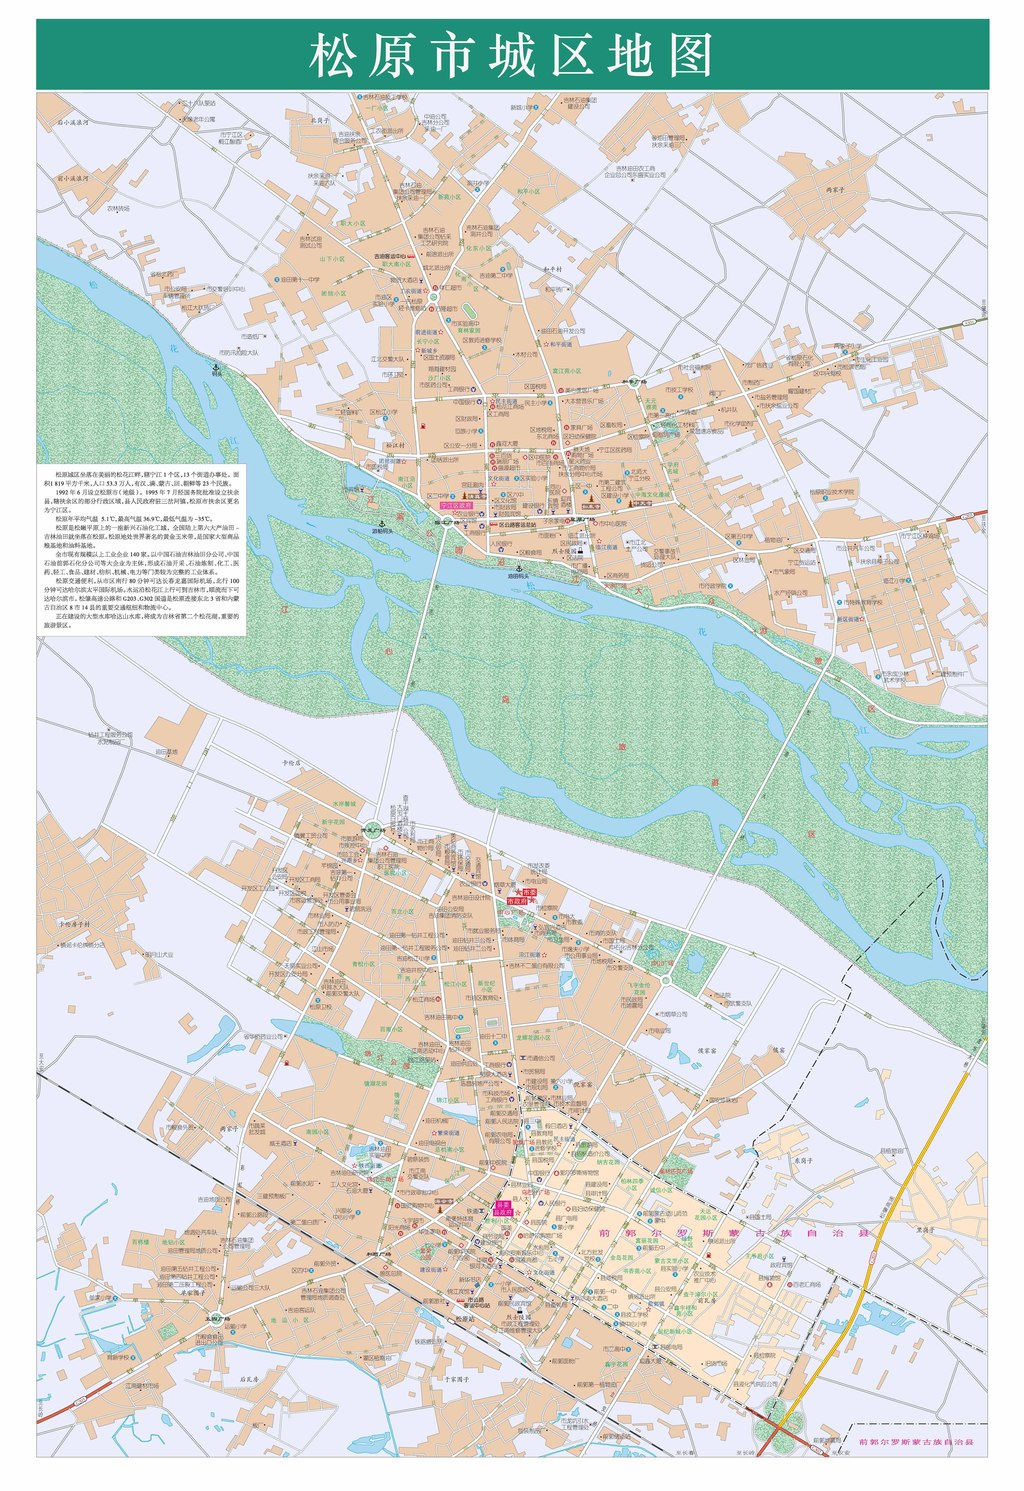 中国地图图片